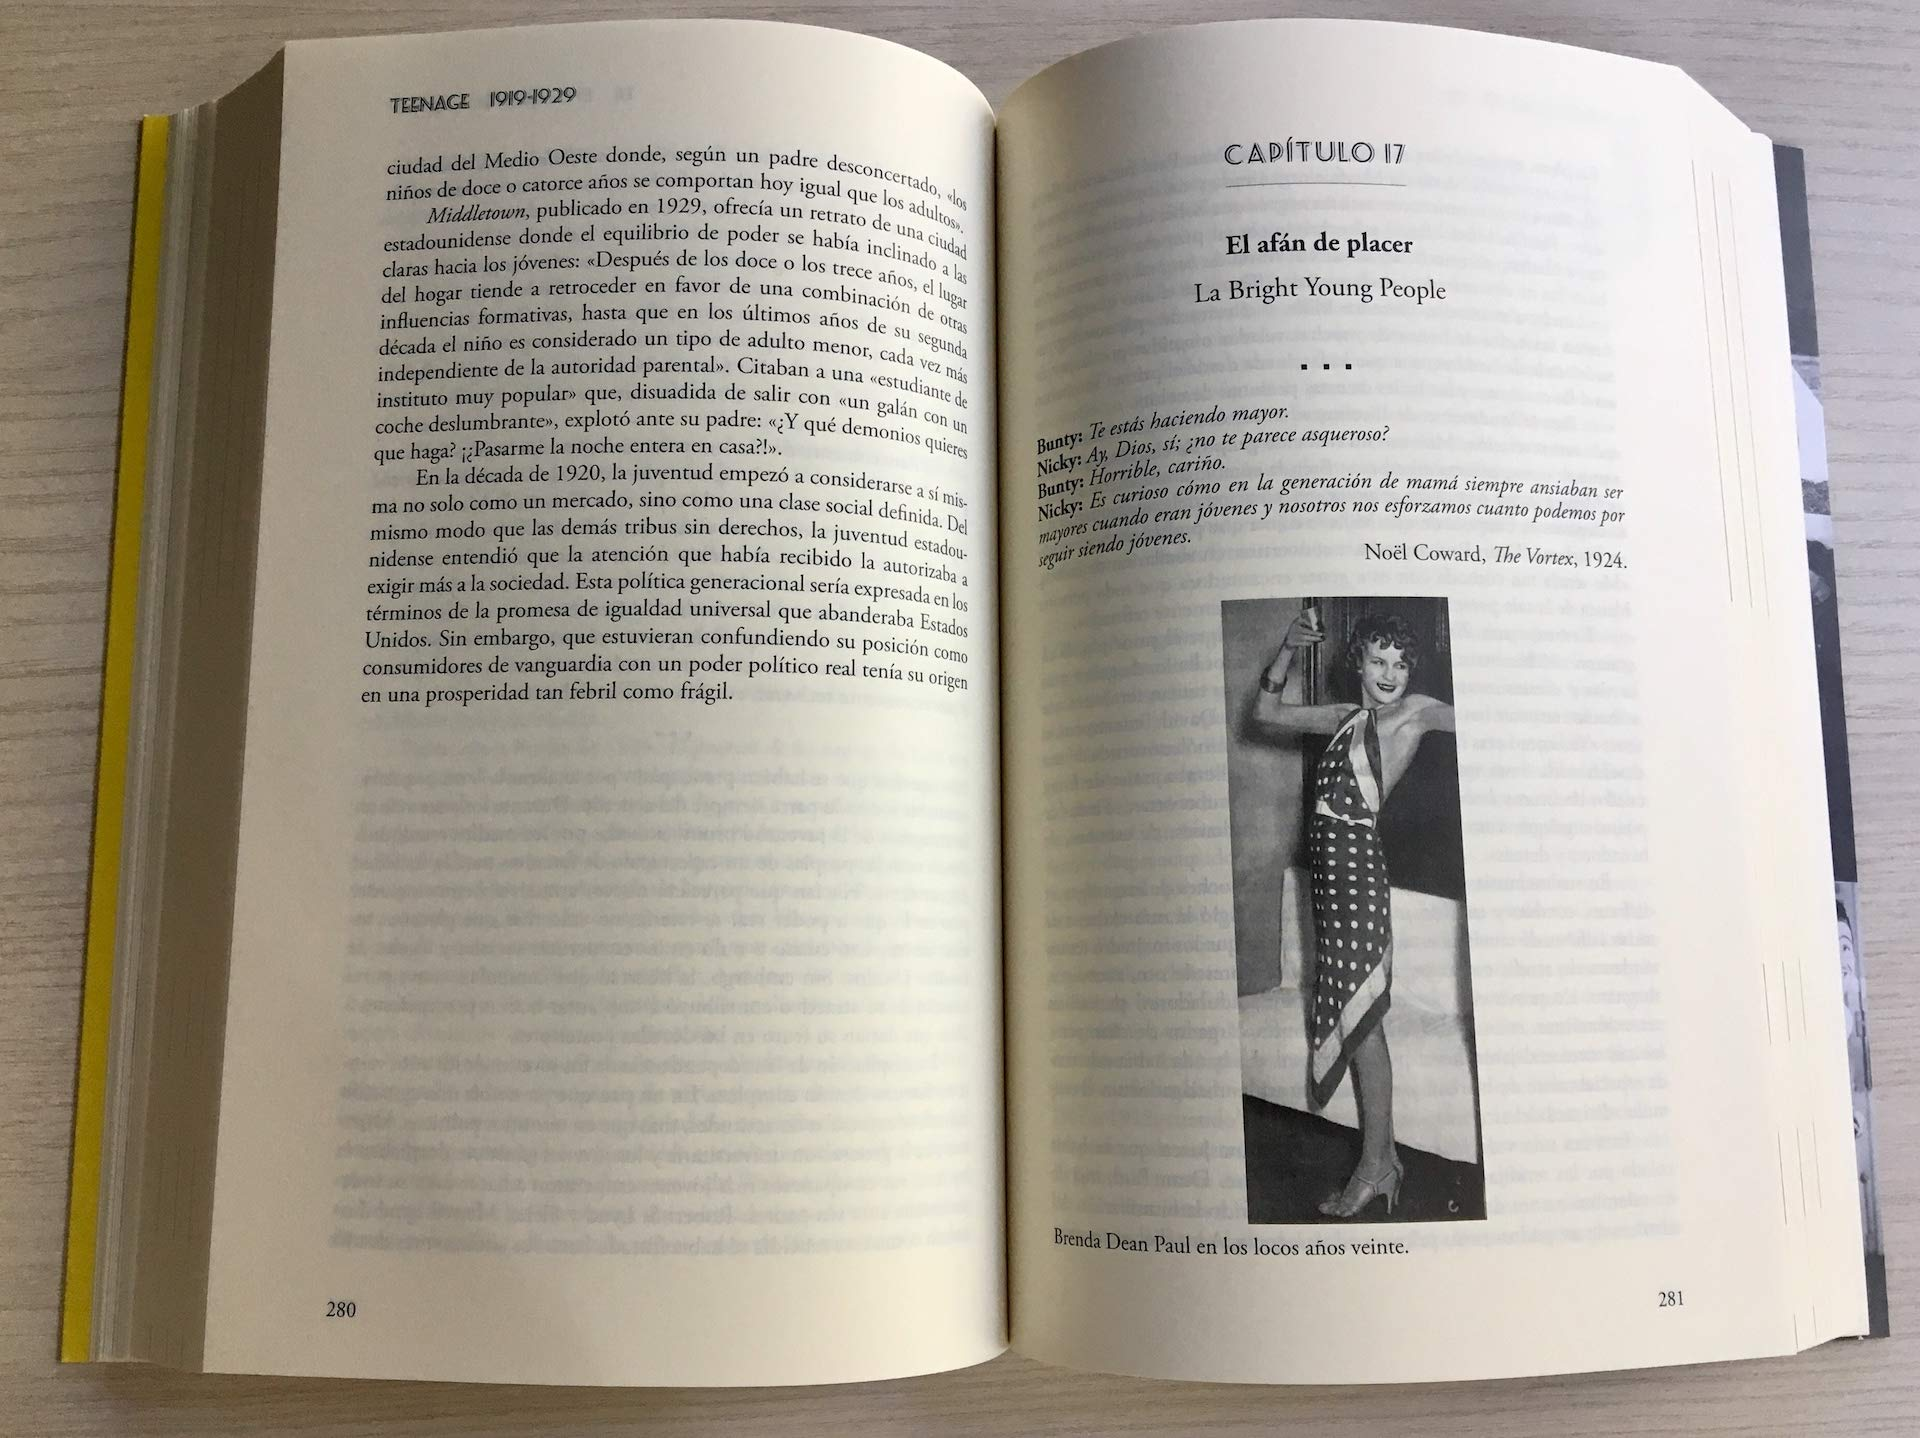 Teenage: La invención de la juventud, 1875-1945 Otros Títulos: Amazon.es: Savage, Jon, Maldonado Roldán, Enrique: Libros